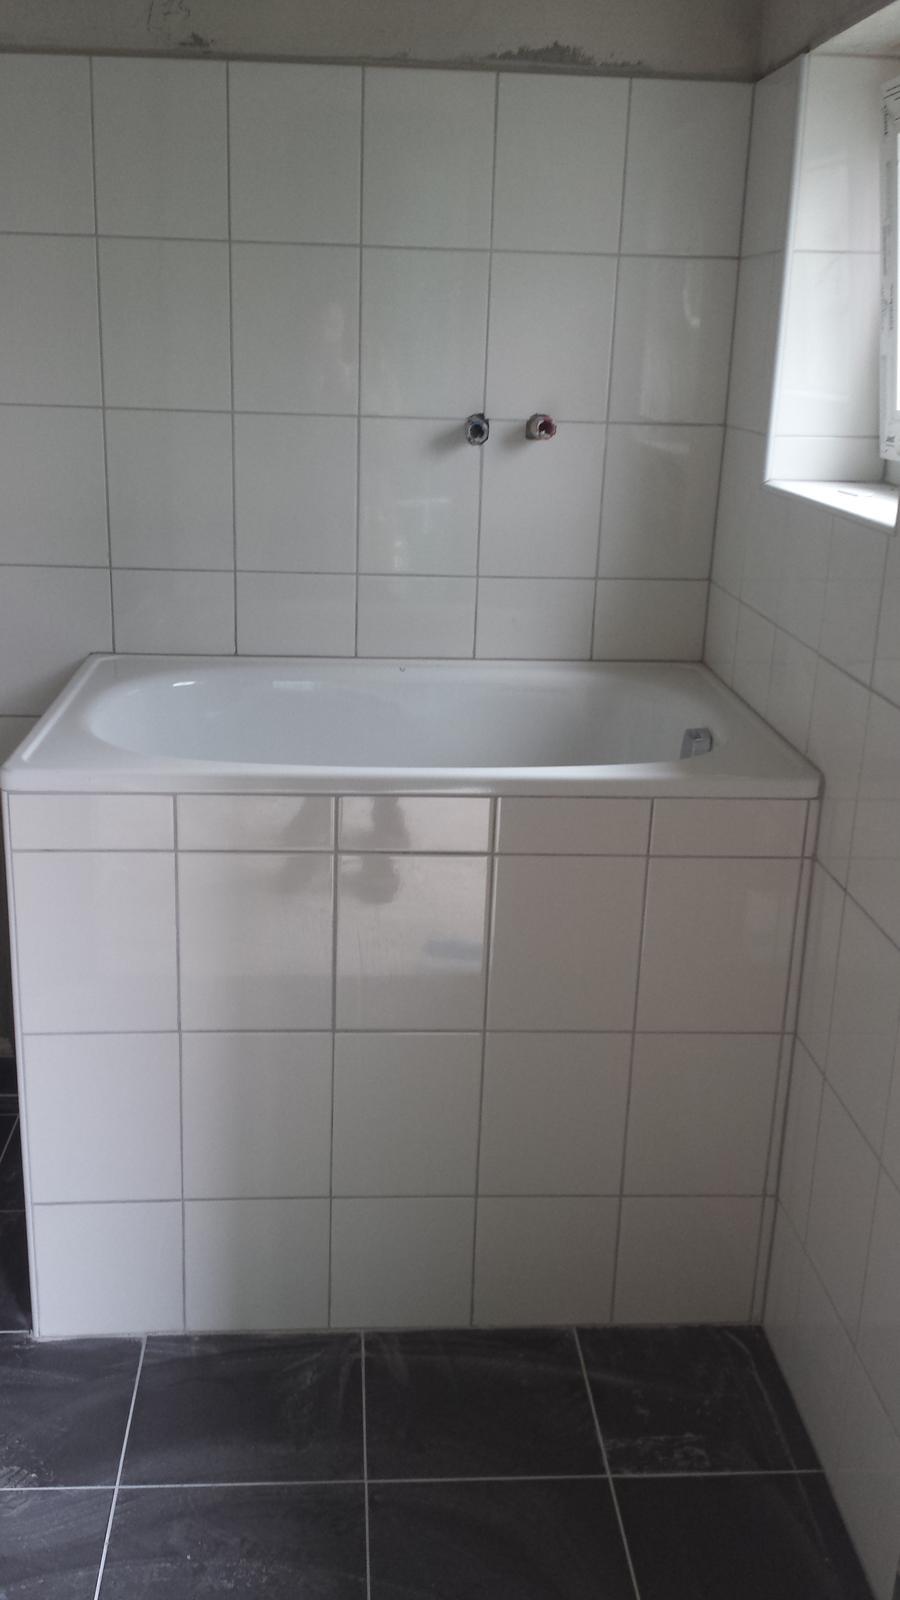 Planovanie a realizácia interieru - Technická miestnoť s wc a vyvýšenou vaničkou